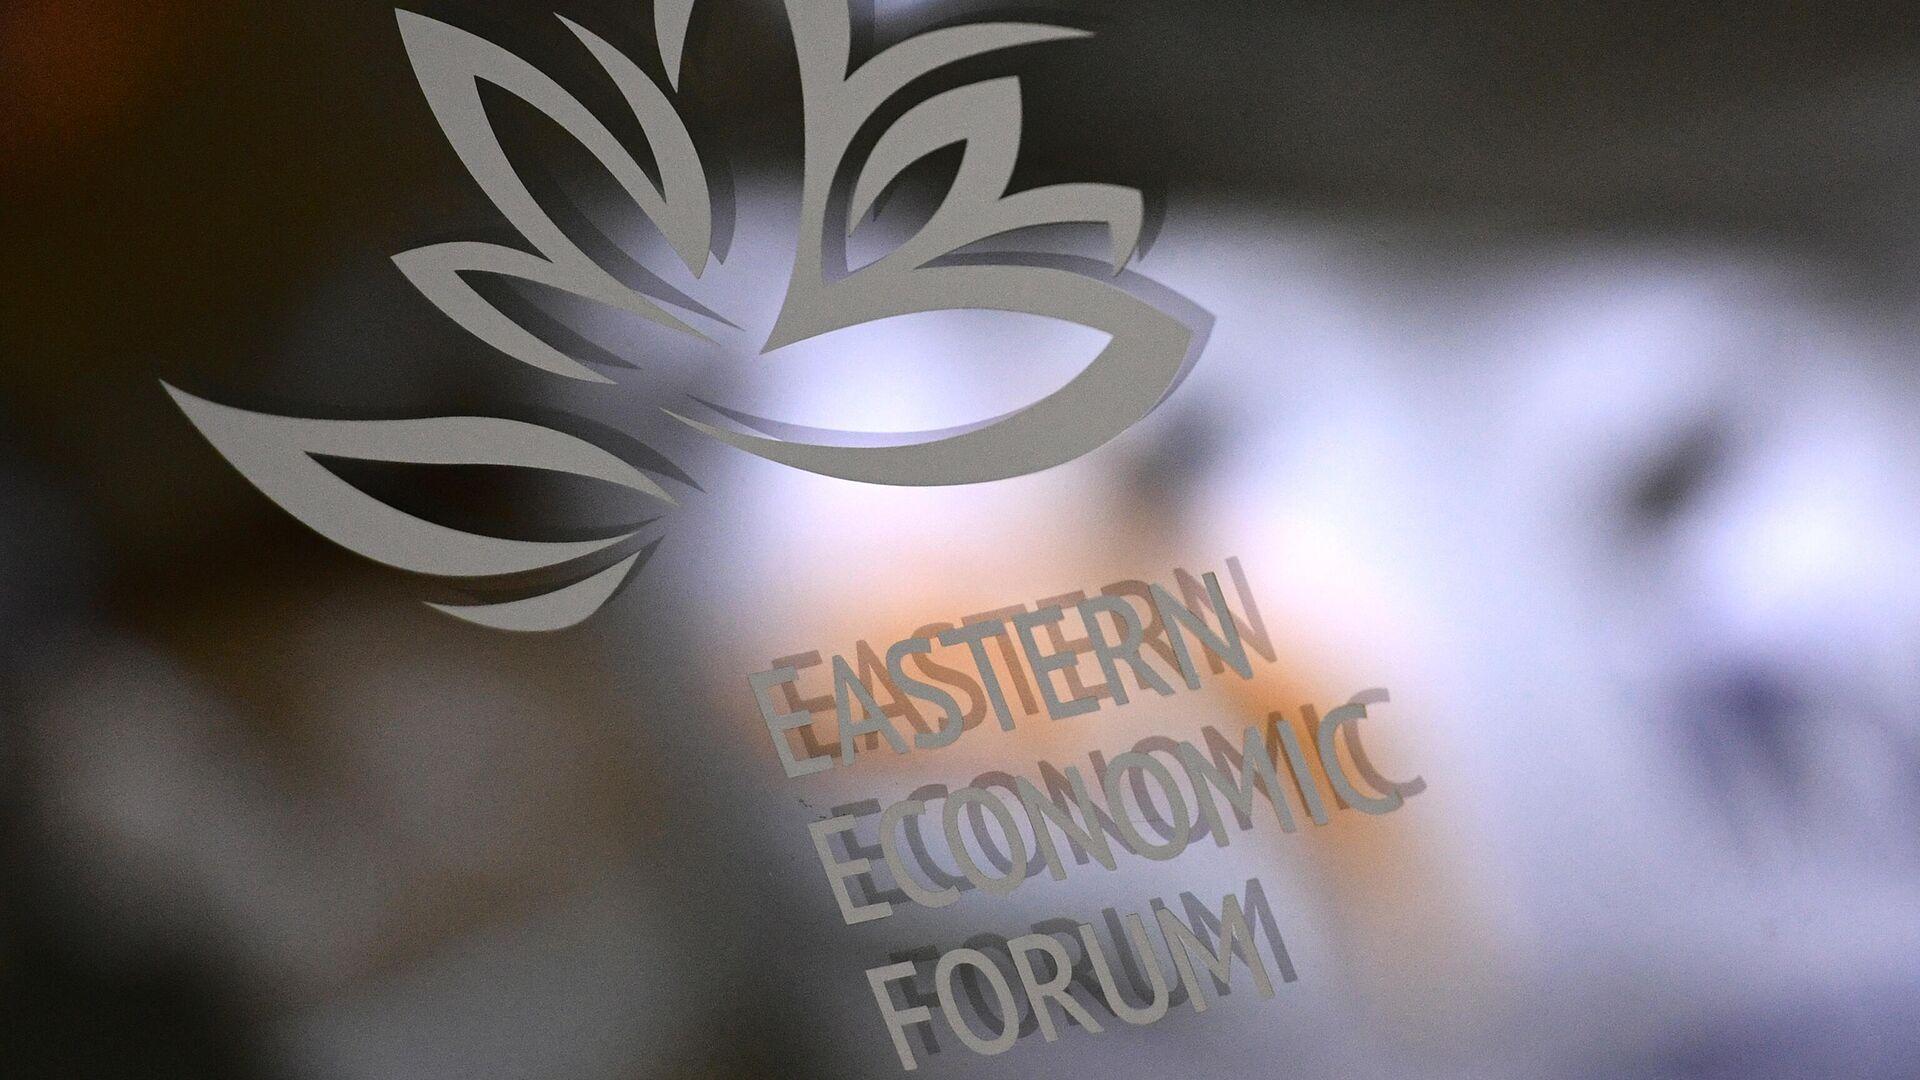 Логотип Восточного экономического форума - РИА Новости, 1920, 11.06.2021